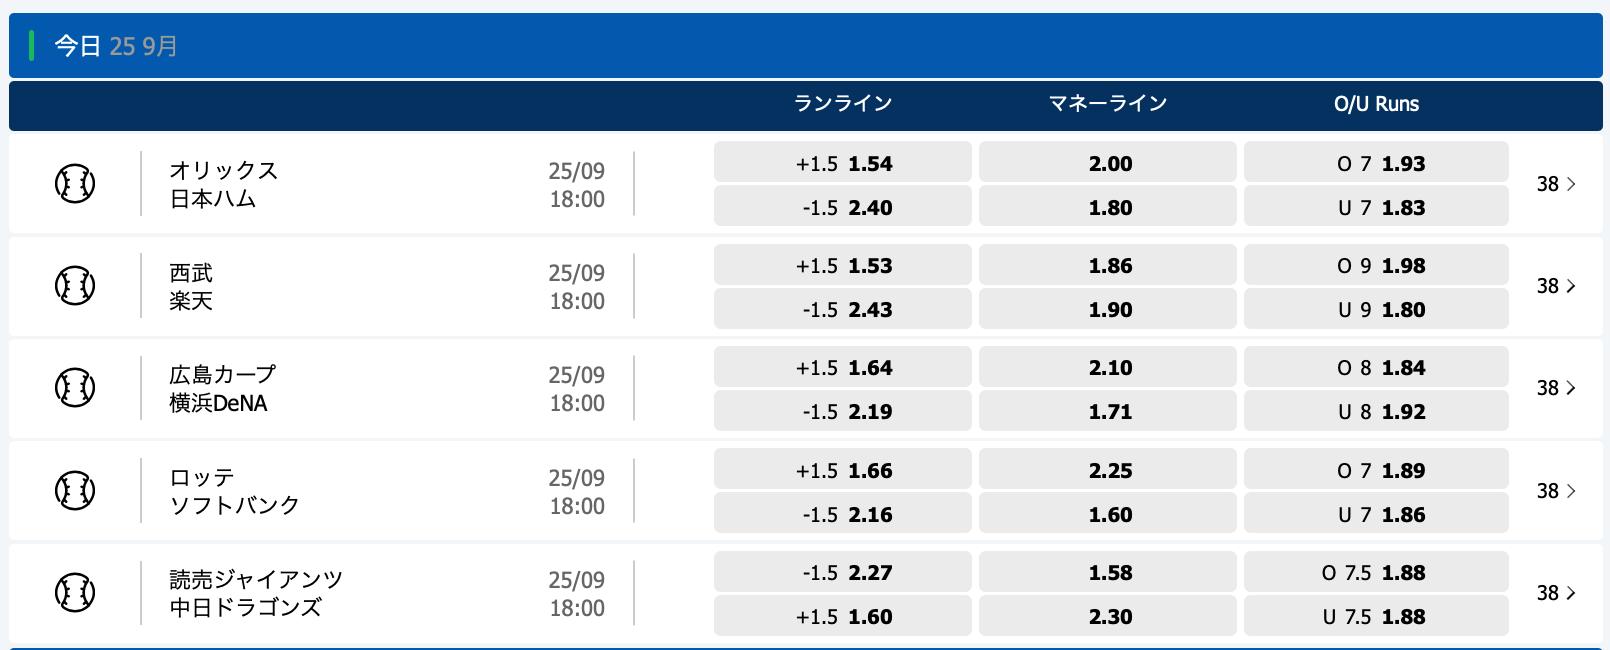 2020.9.25 プロ野球オッズ・10bet Japan